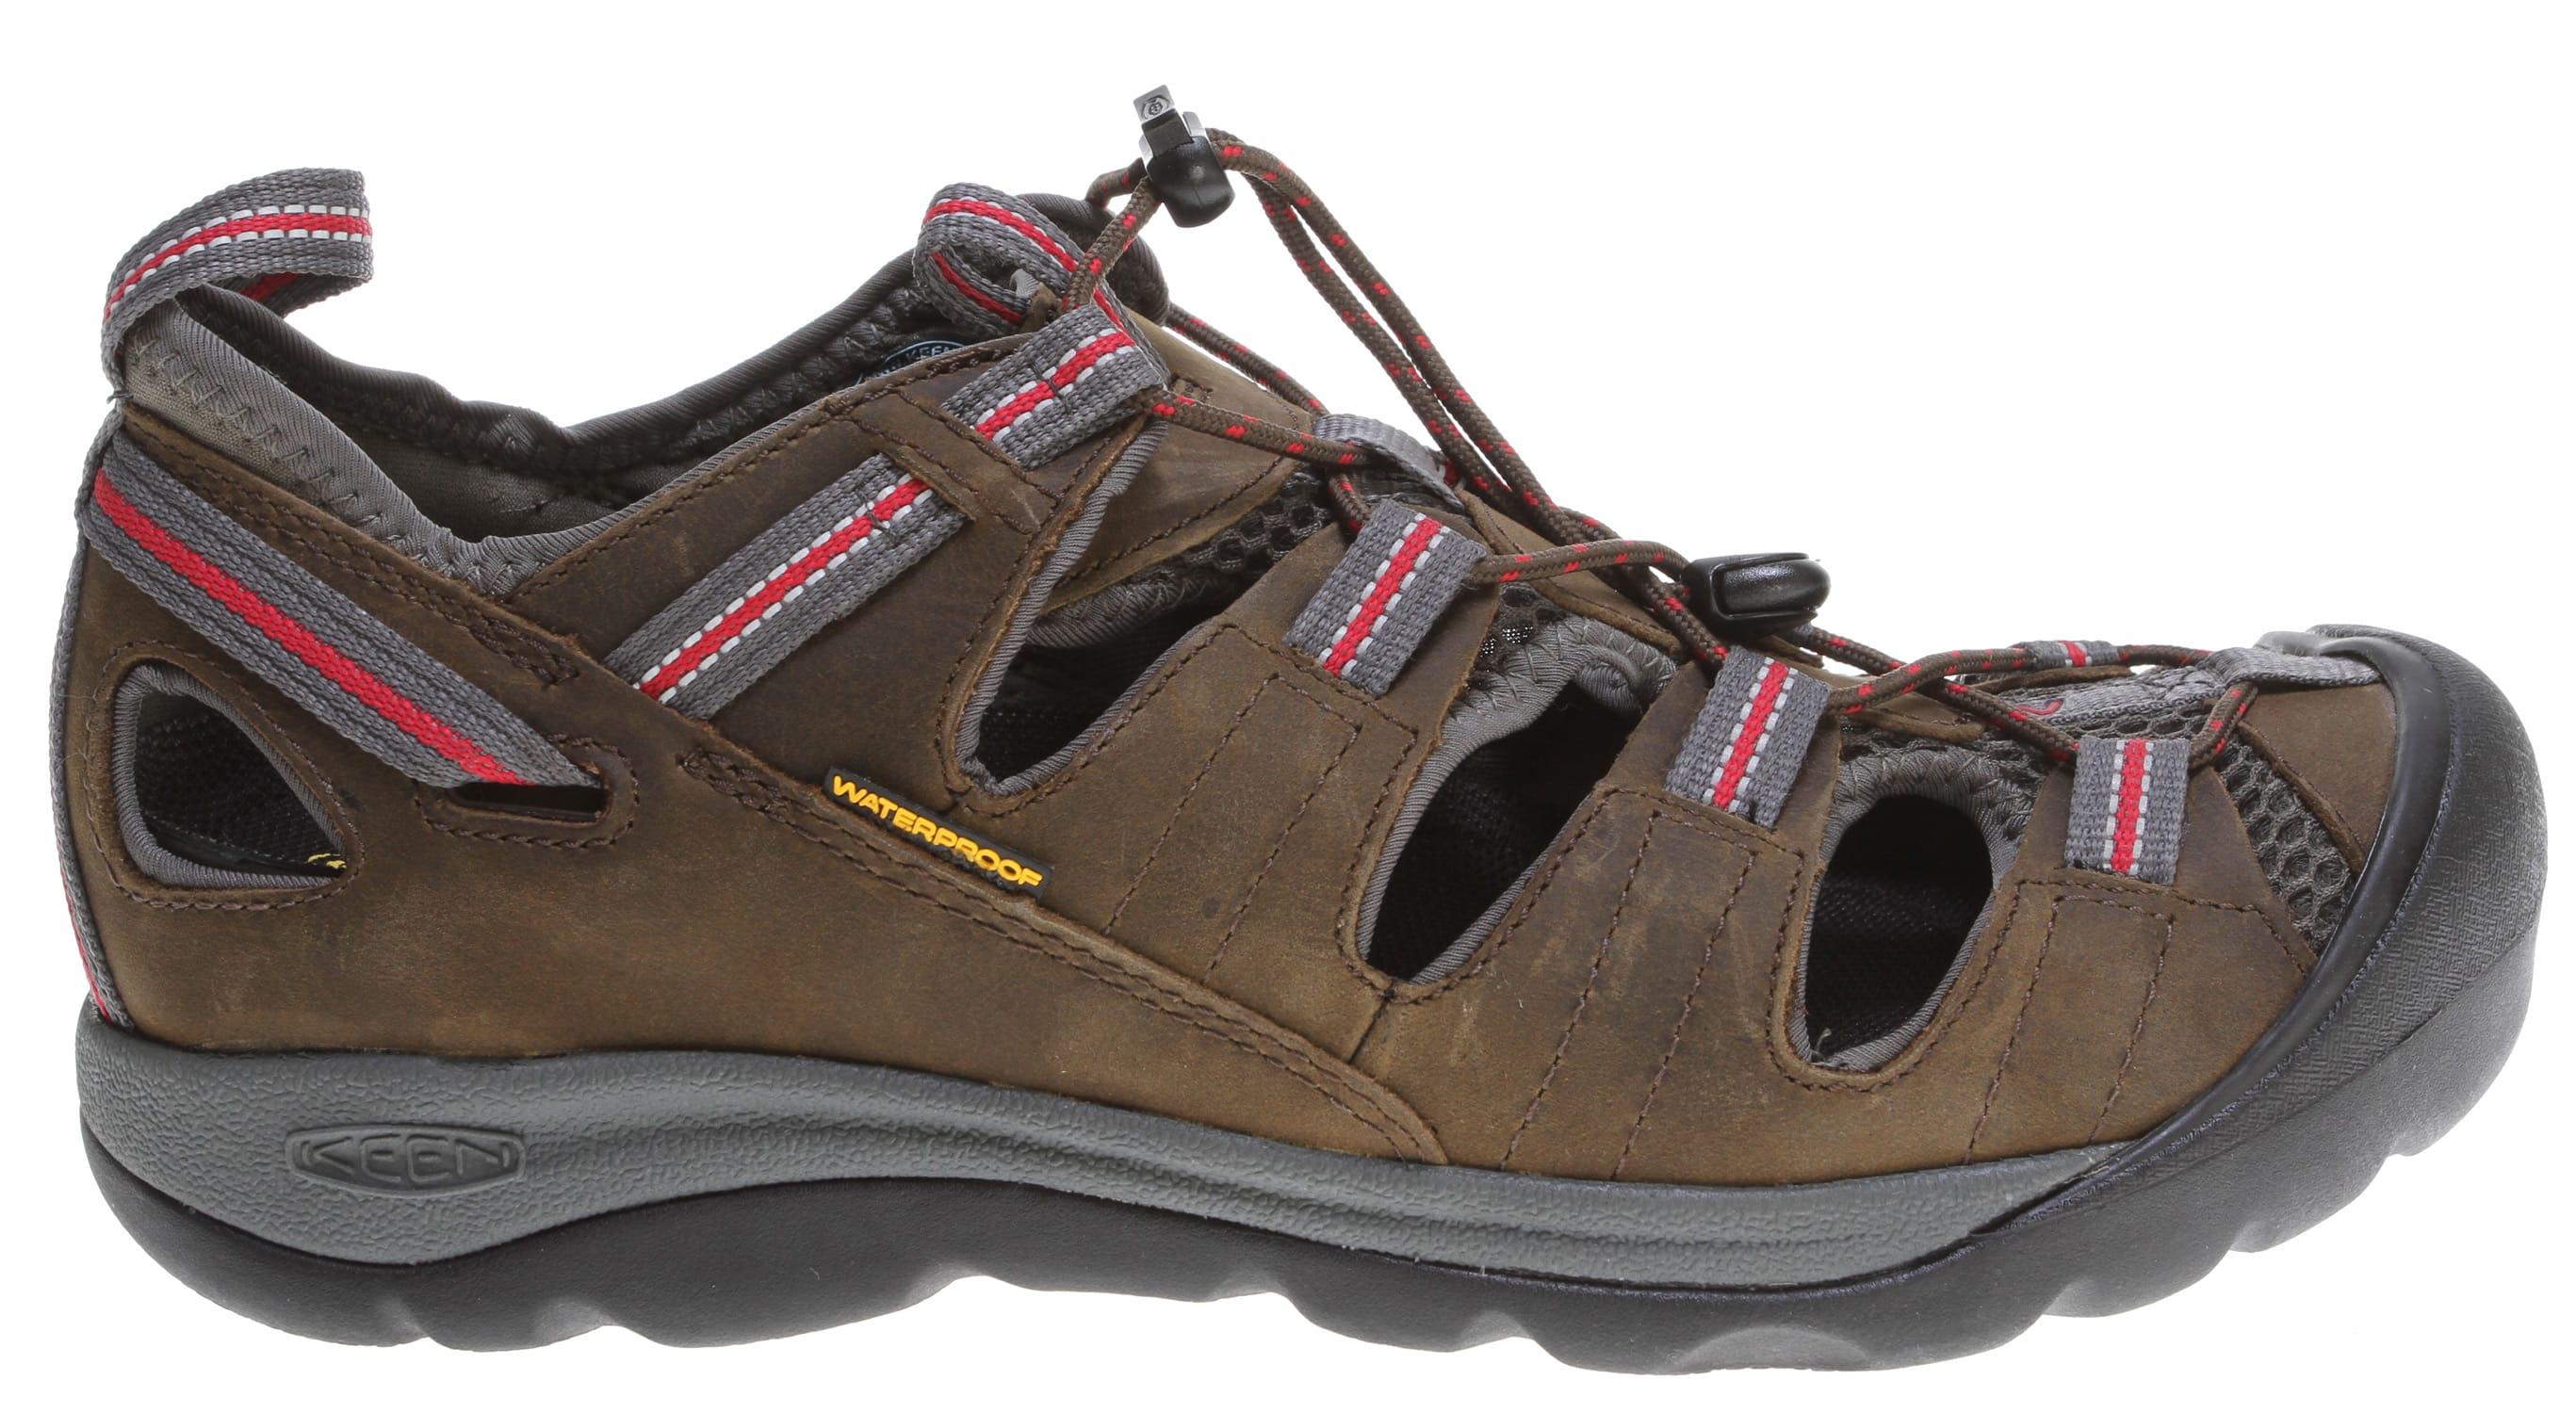 506c5d43e359 Keen arroyo pedal bike shoes thumbnail jpg 2734x1500 Keen bike shoes